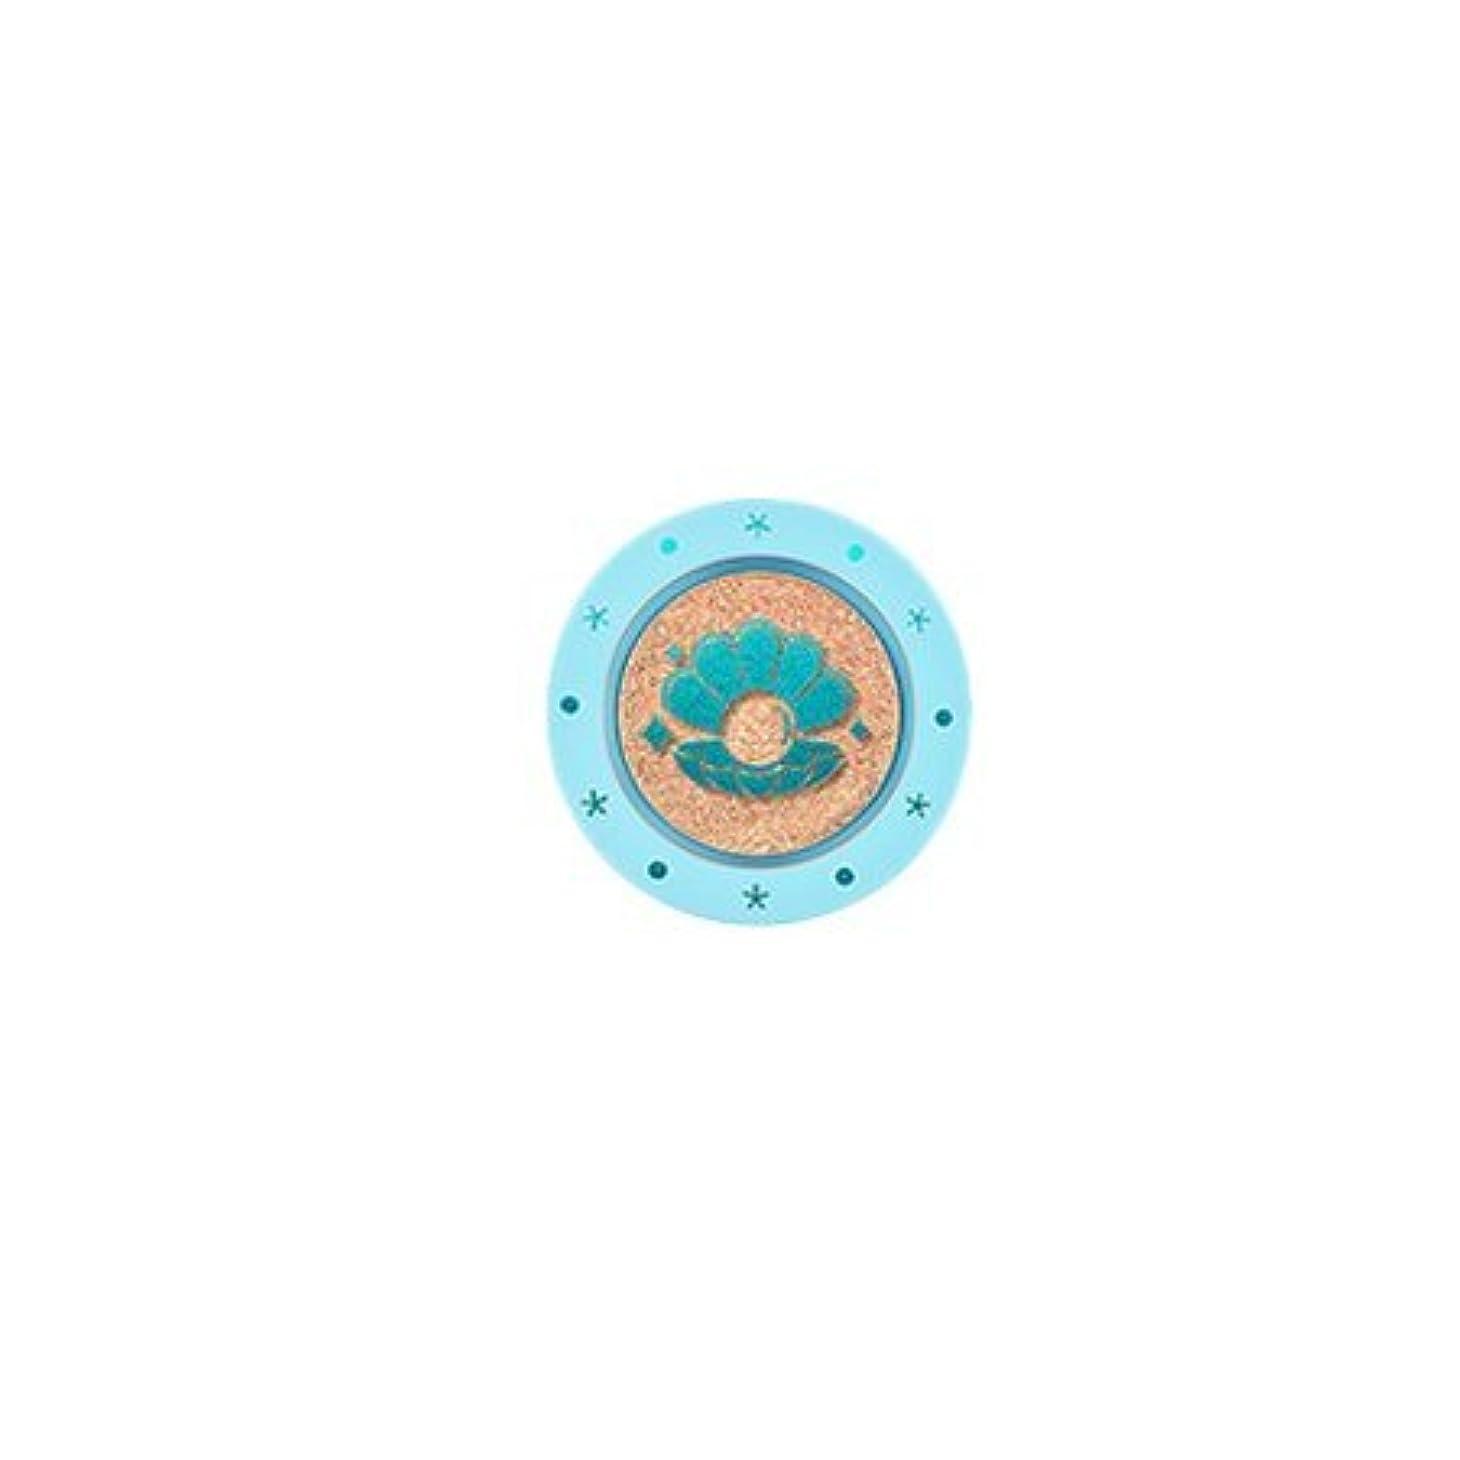 エージェント対応感覚アリタウム マーメイド コレクション モノ アイズ 1.4g / ARITAUM Mono Eyes Mermaid Collection (# S25 Gold Glow) [並行輸入品]